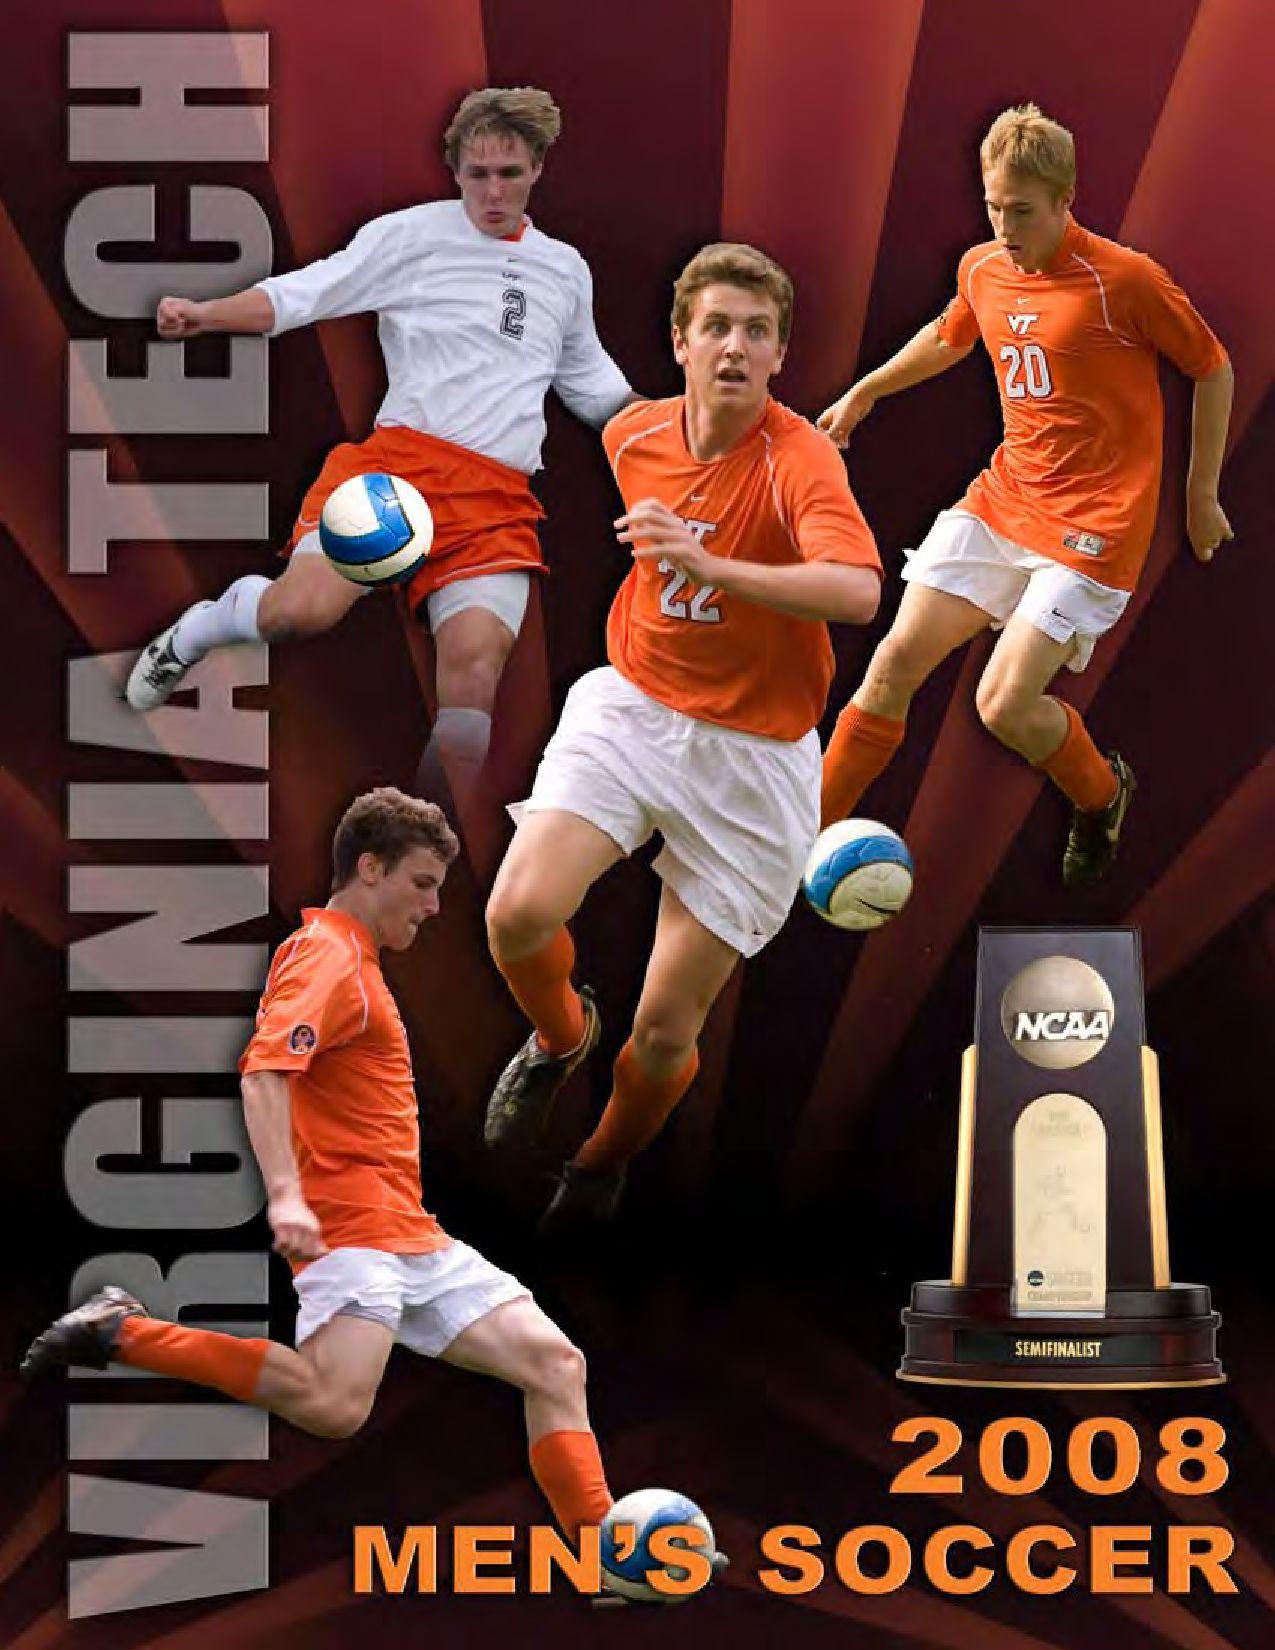 2008 Virginia Tech Men S Soccer Media Guide By Virginia Tech Athletics Issuu